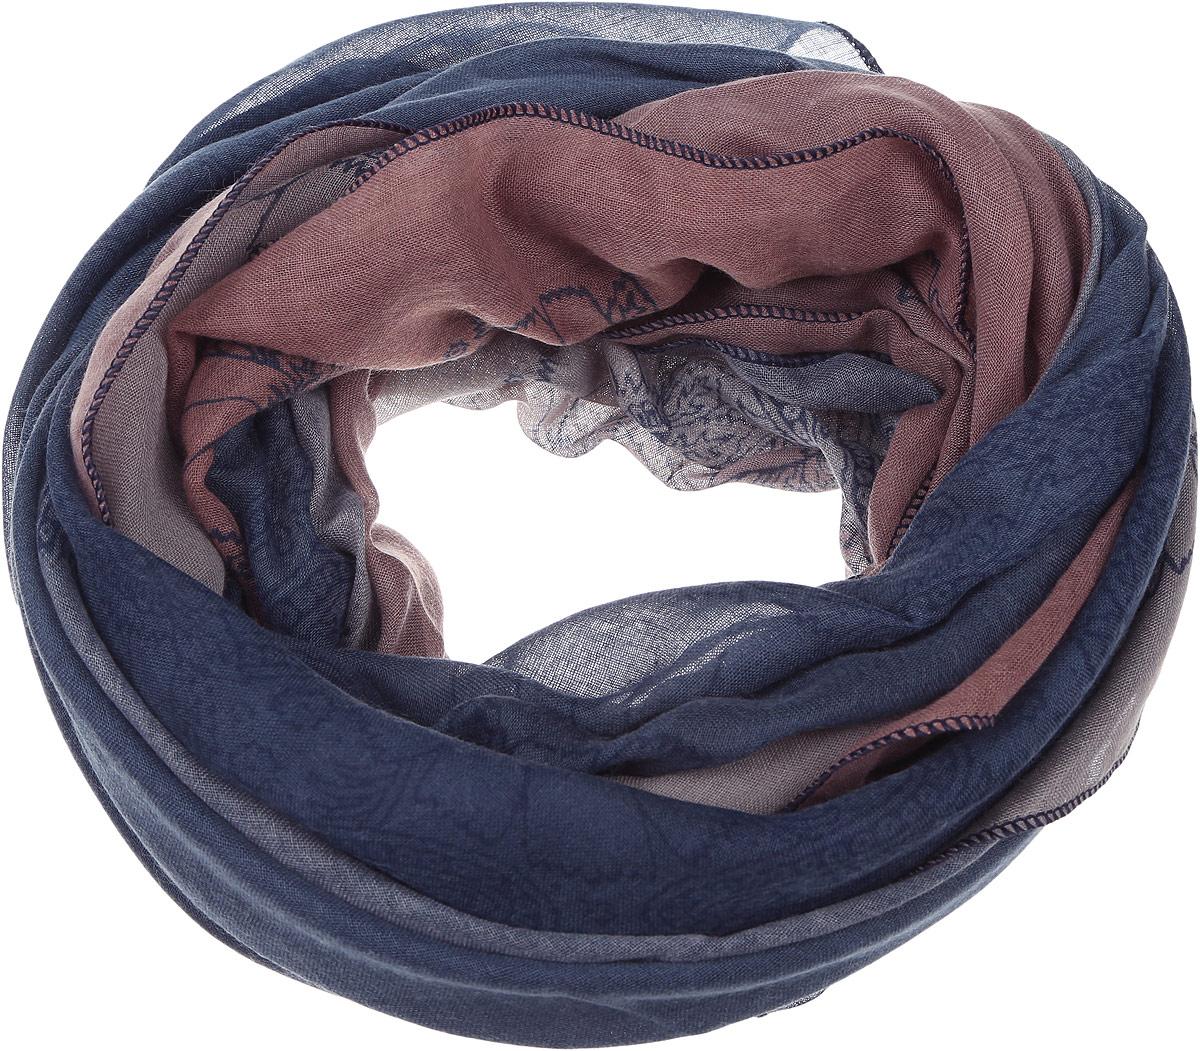 Палантин Sophie Ramage, цвет: синий, серый. YY-11675-3. Размер 90 см х 180 смYY-11675-3Элегантный палантин Sophie Ramage изготовлен из высококачественного модала с добавлением шелка. Оформлена модель стильным цветочным принтом. Палантин красиво драпируется, он превосходно дополнит любой наряд и подчеркнет ваш изысканный вкус.